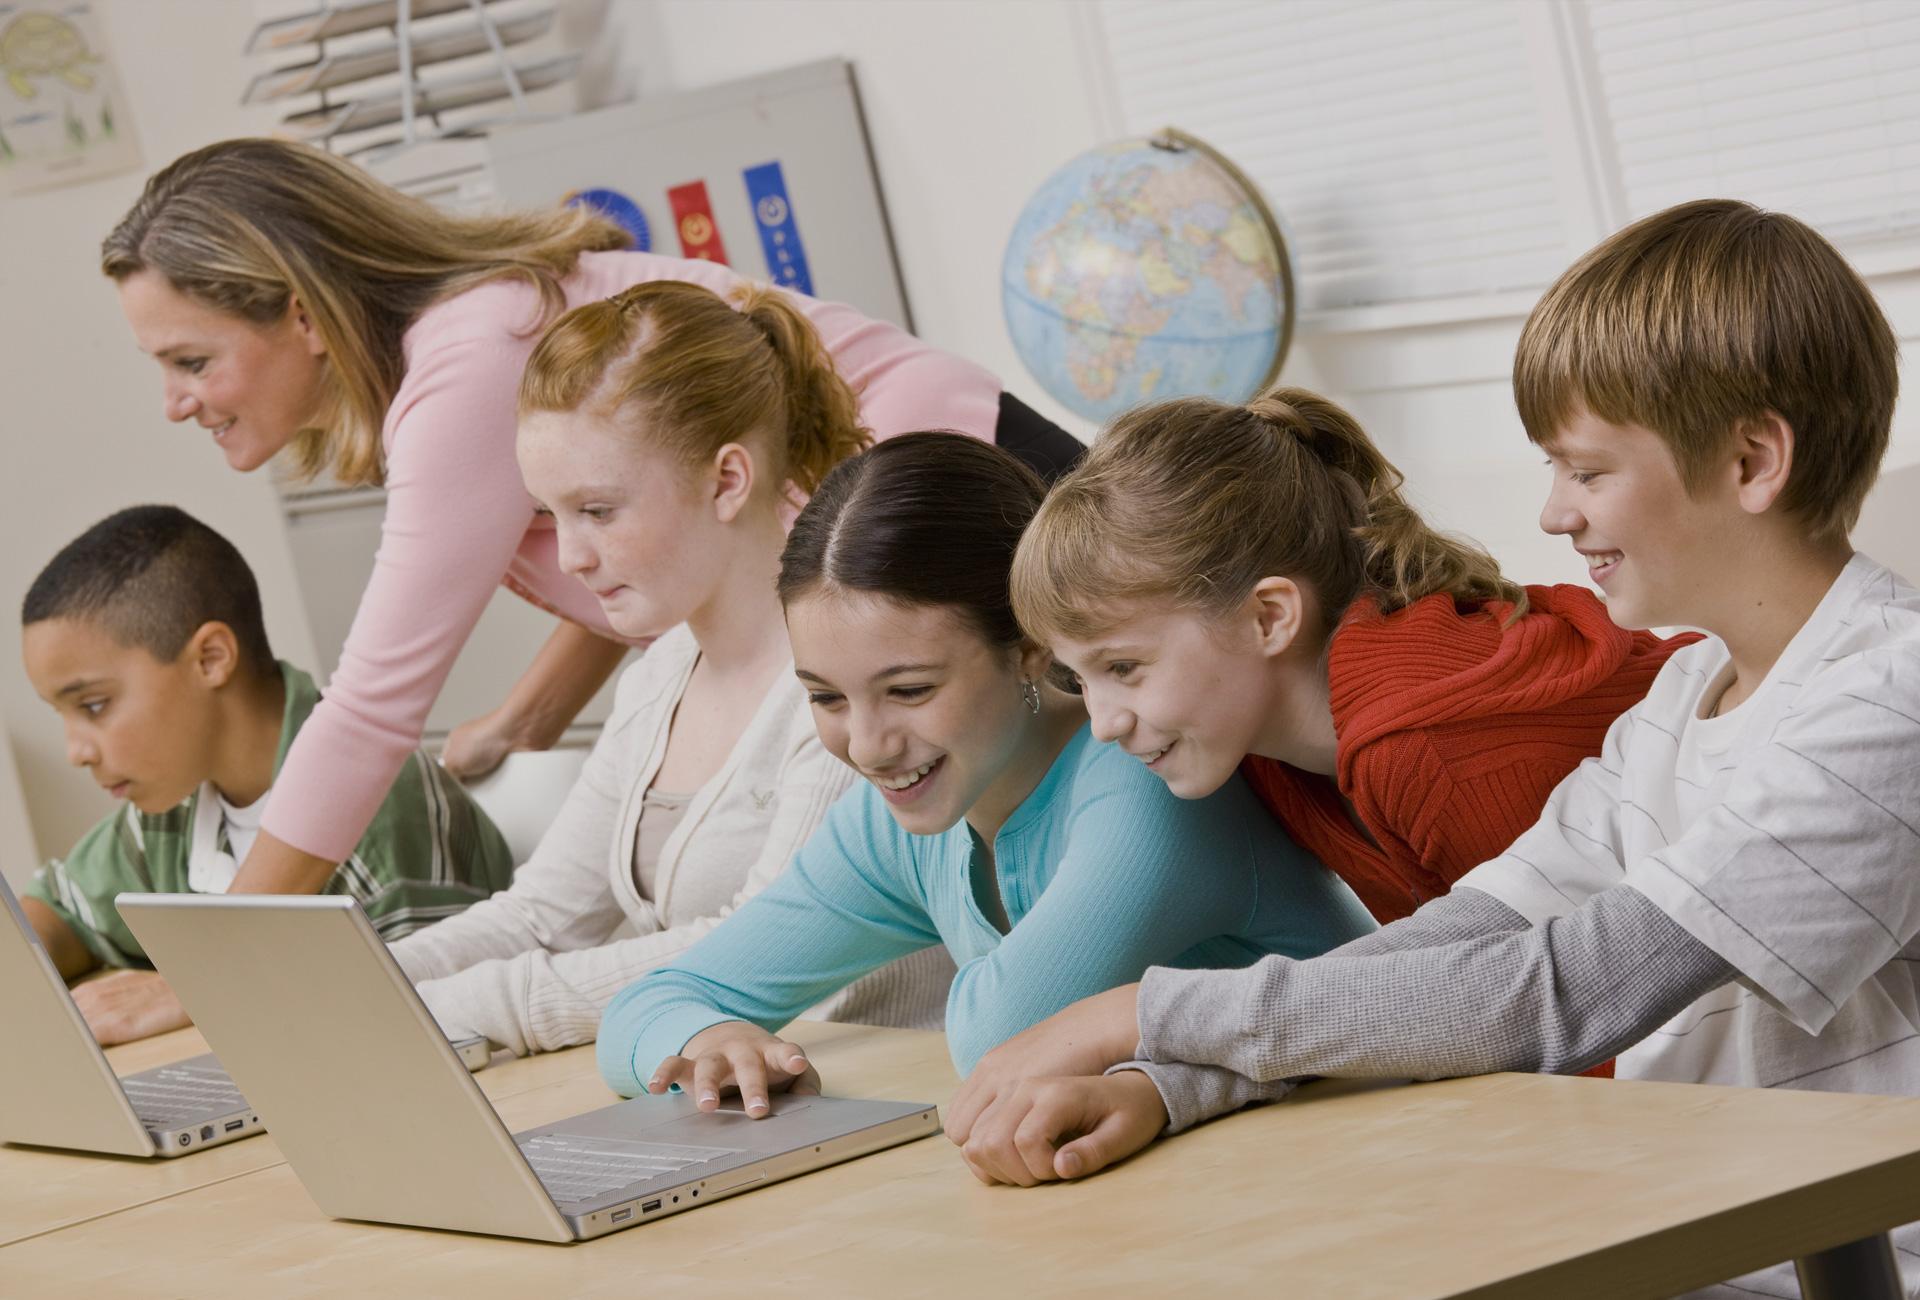 social-media-in-schools.jpg